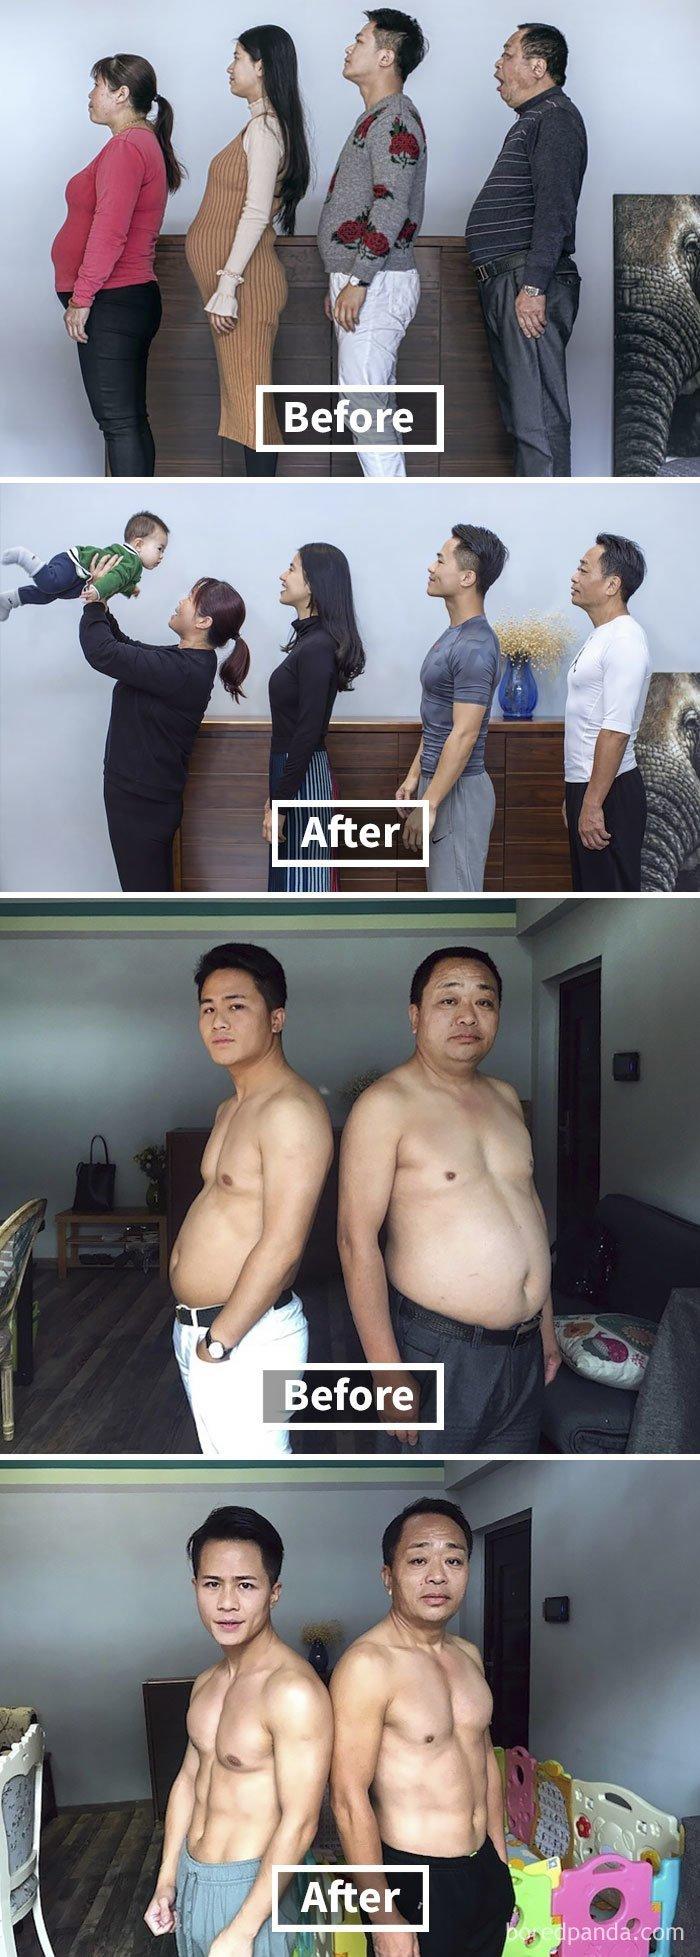 Китайская семья решила привести себя в форму. Результат через 6 месяцев. до и после, лишний вес, люди, мотивация, спорт, тогда и сейчас, трансформации, фото